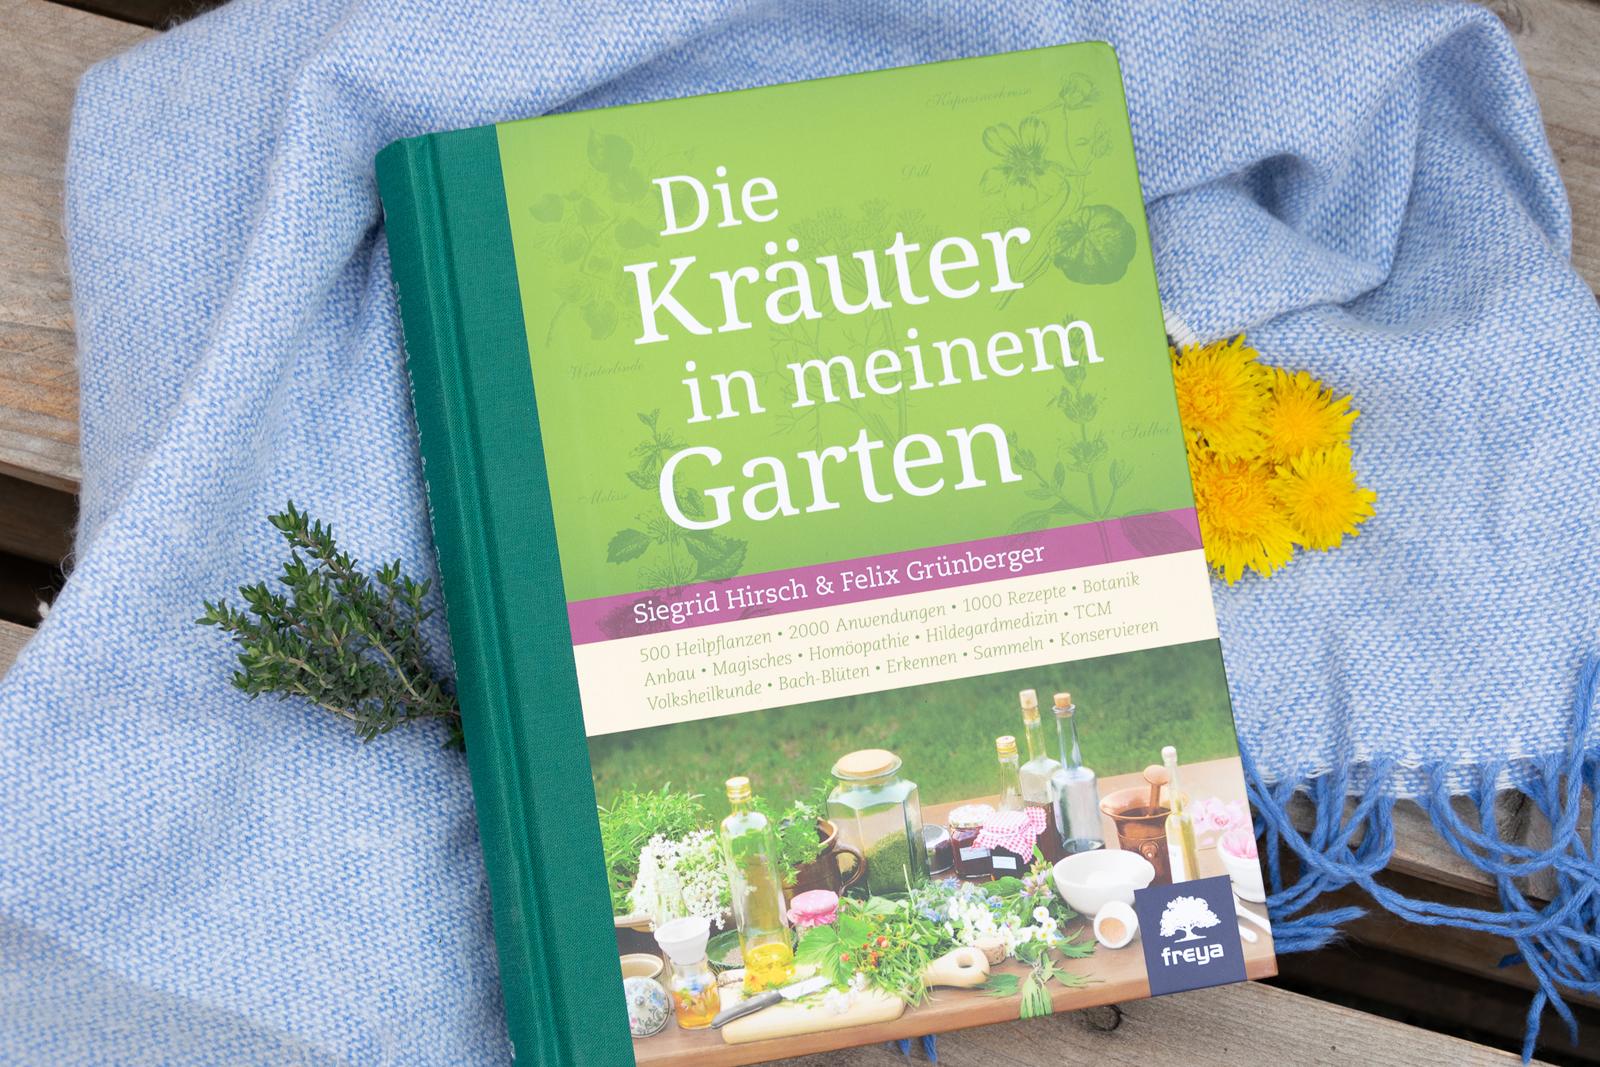 Die Kräuter in meinem Garten Buch Rezension